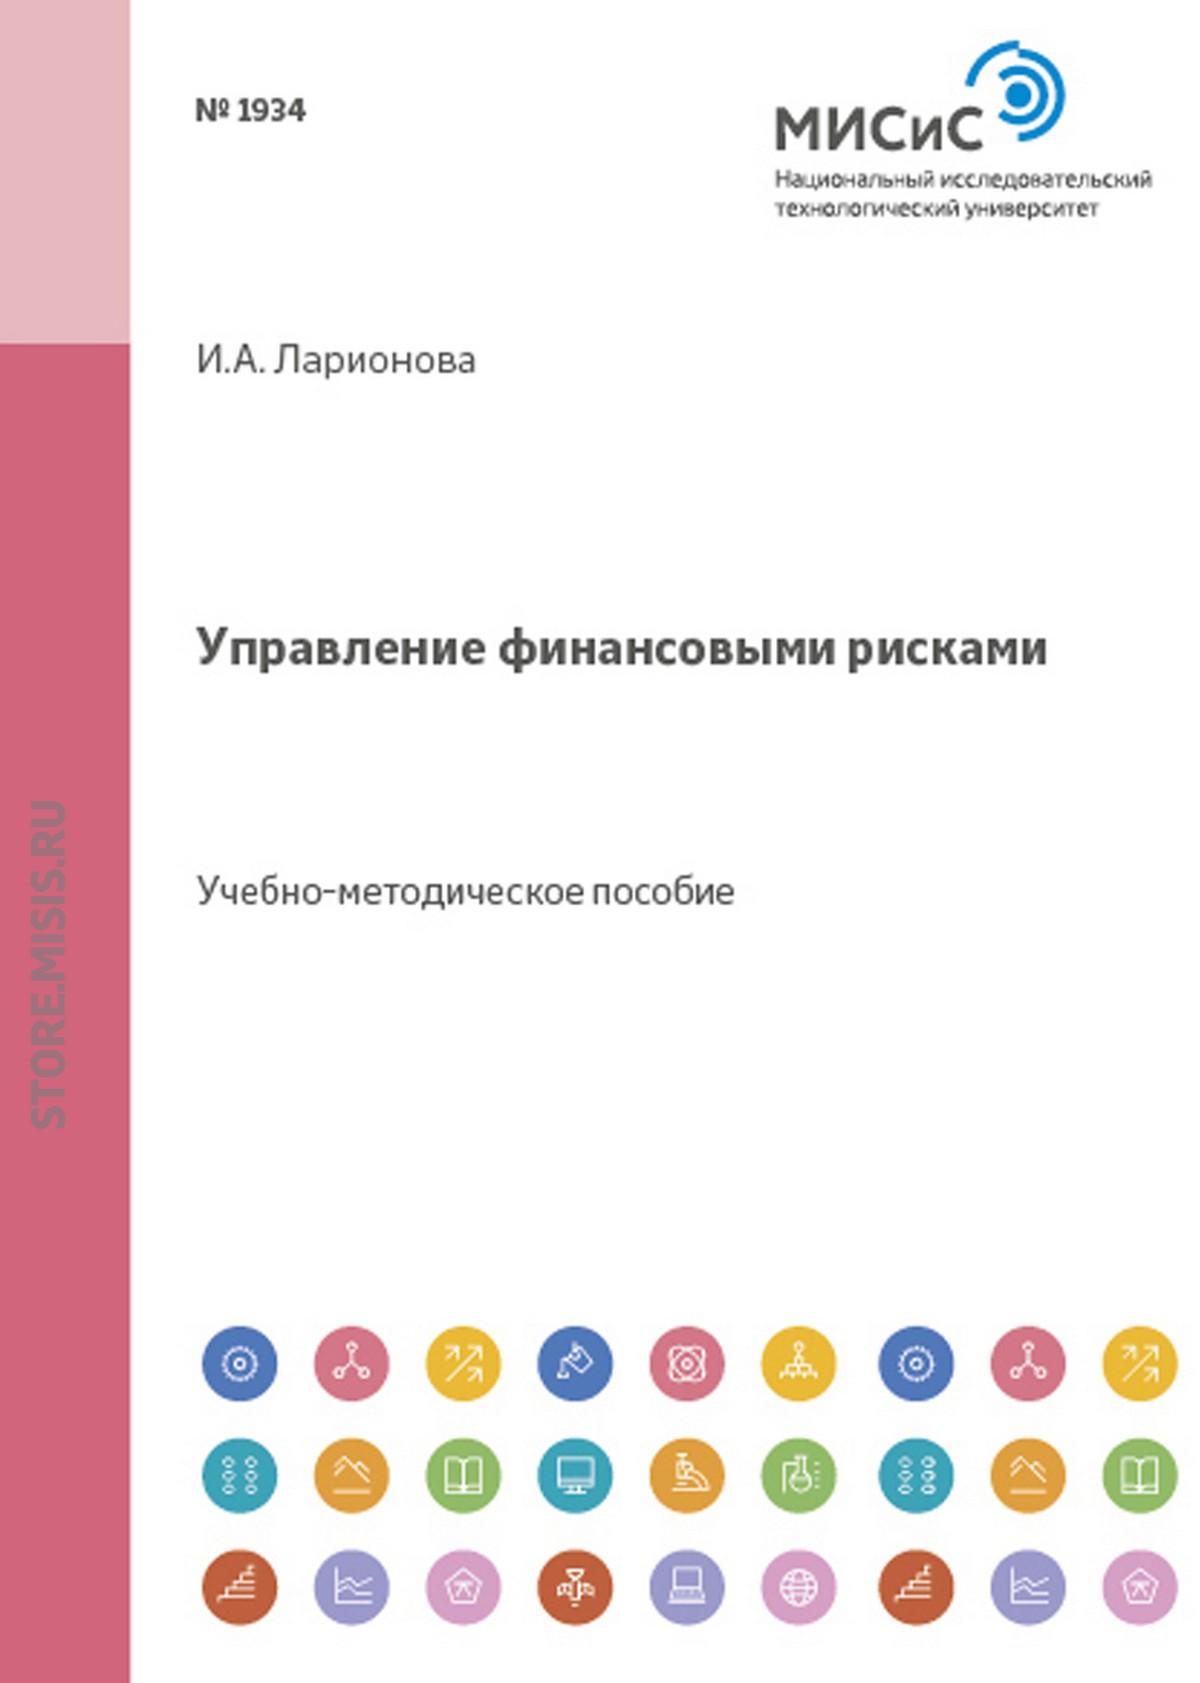 И. А. Ларионова Управление финансовыми рисками котельникова е а финансы